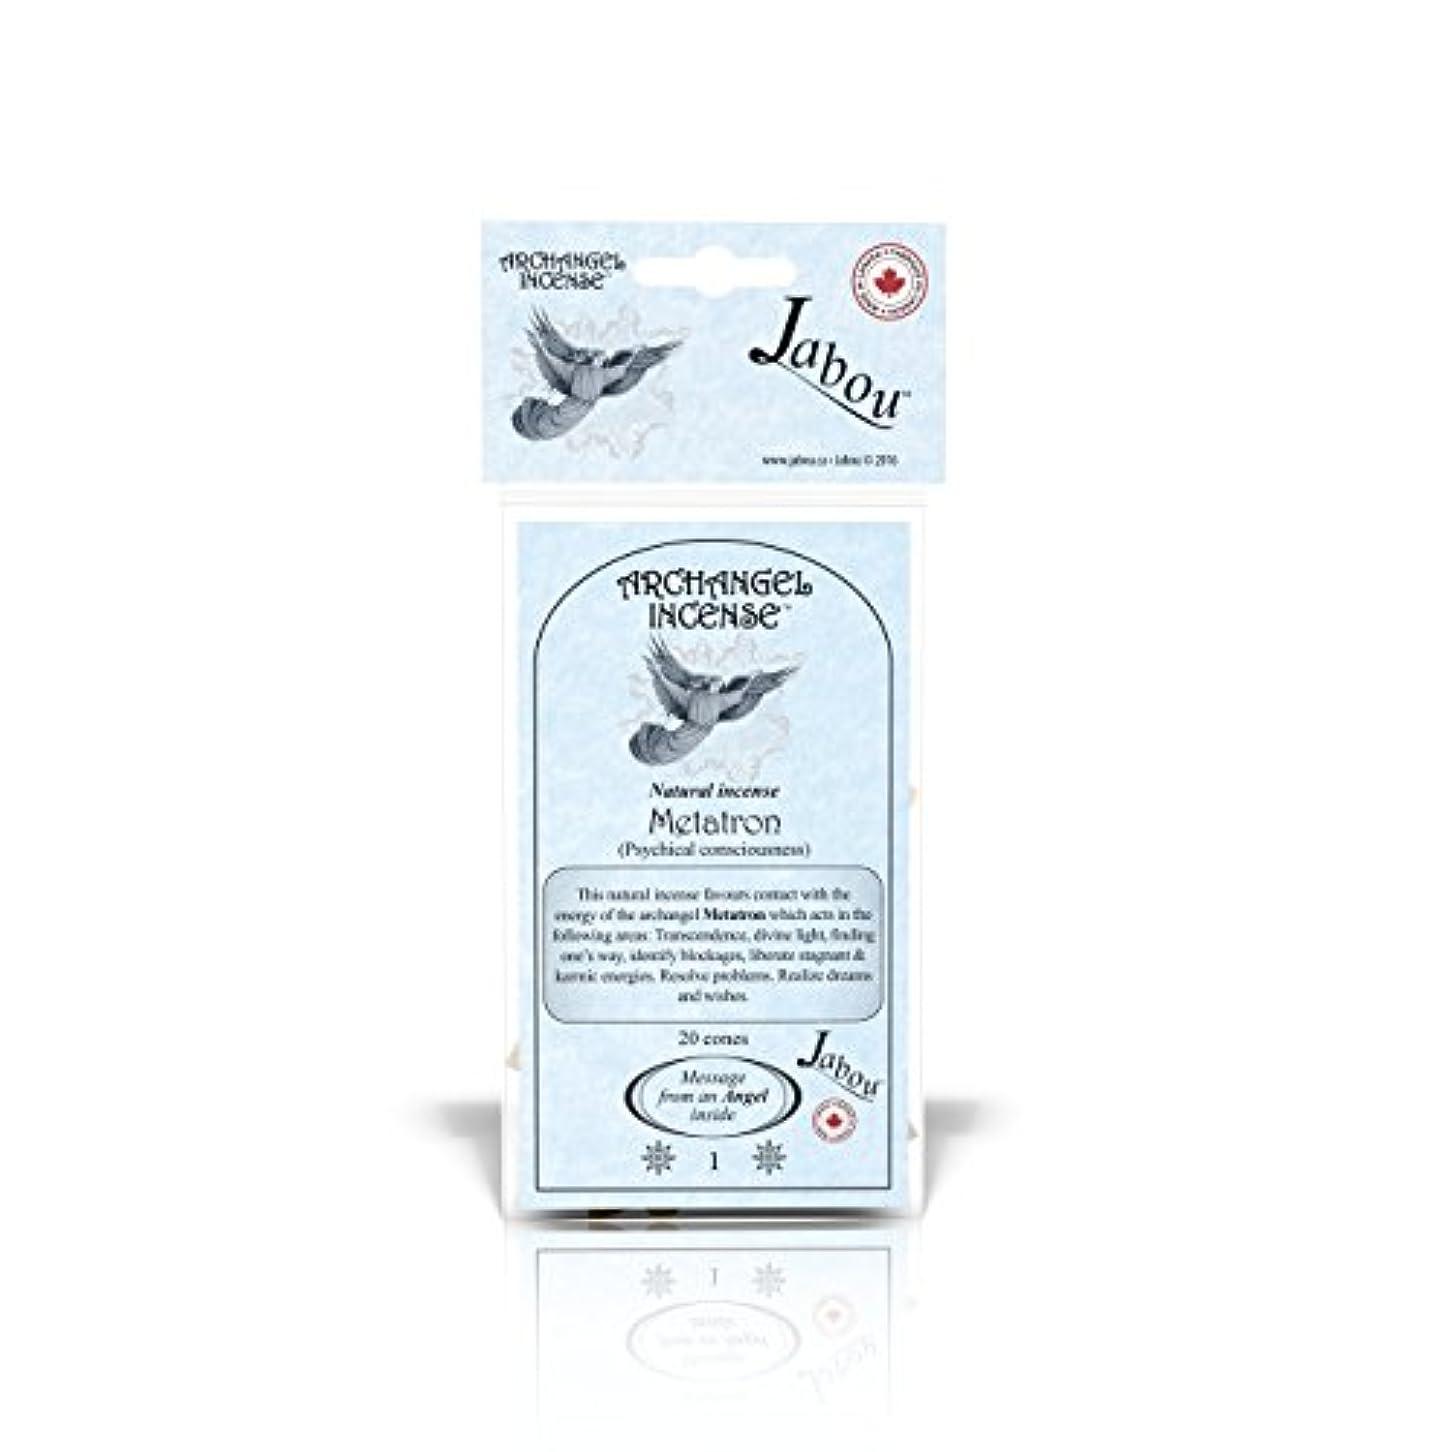 測定可能ぴかぴか麦芽Jabou 大天使 100%天然お香 コーン - 12個の香り - 瞑想 ヨガ リラクゼーション マジック ヒーリング 祈り 儀式 - 20個のコーン - 各30分以上持続